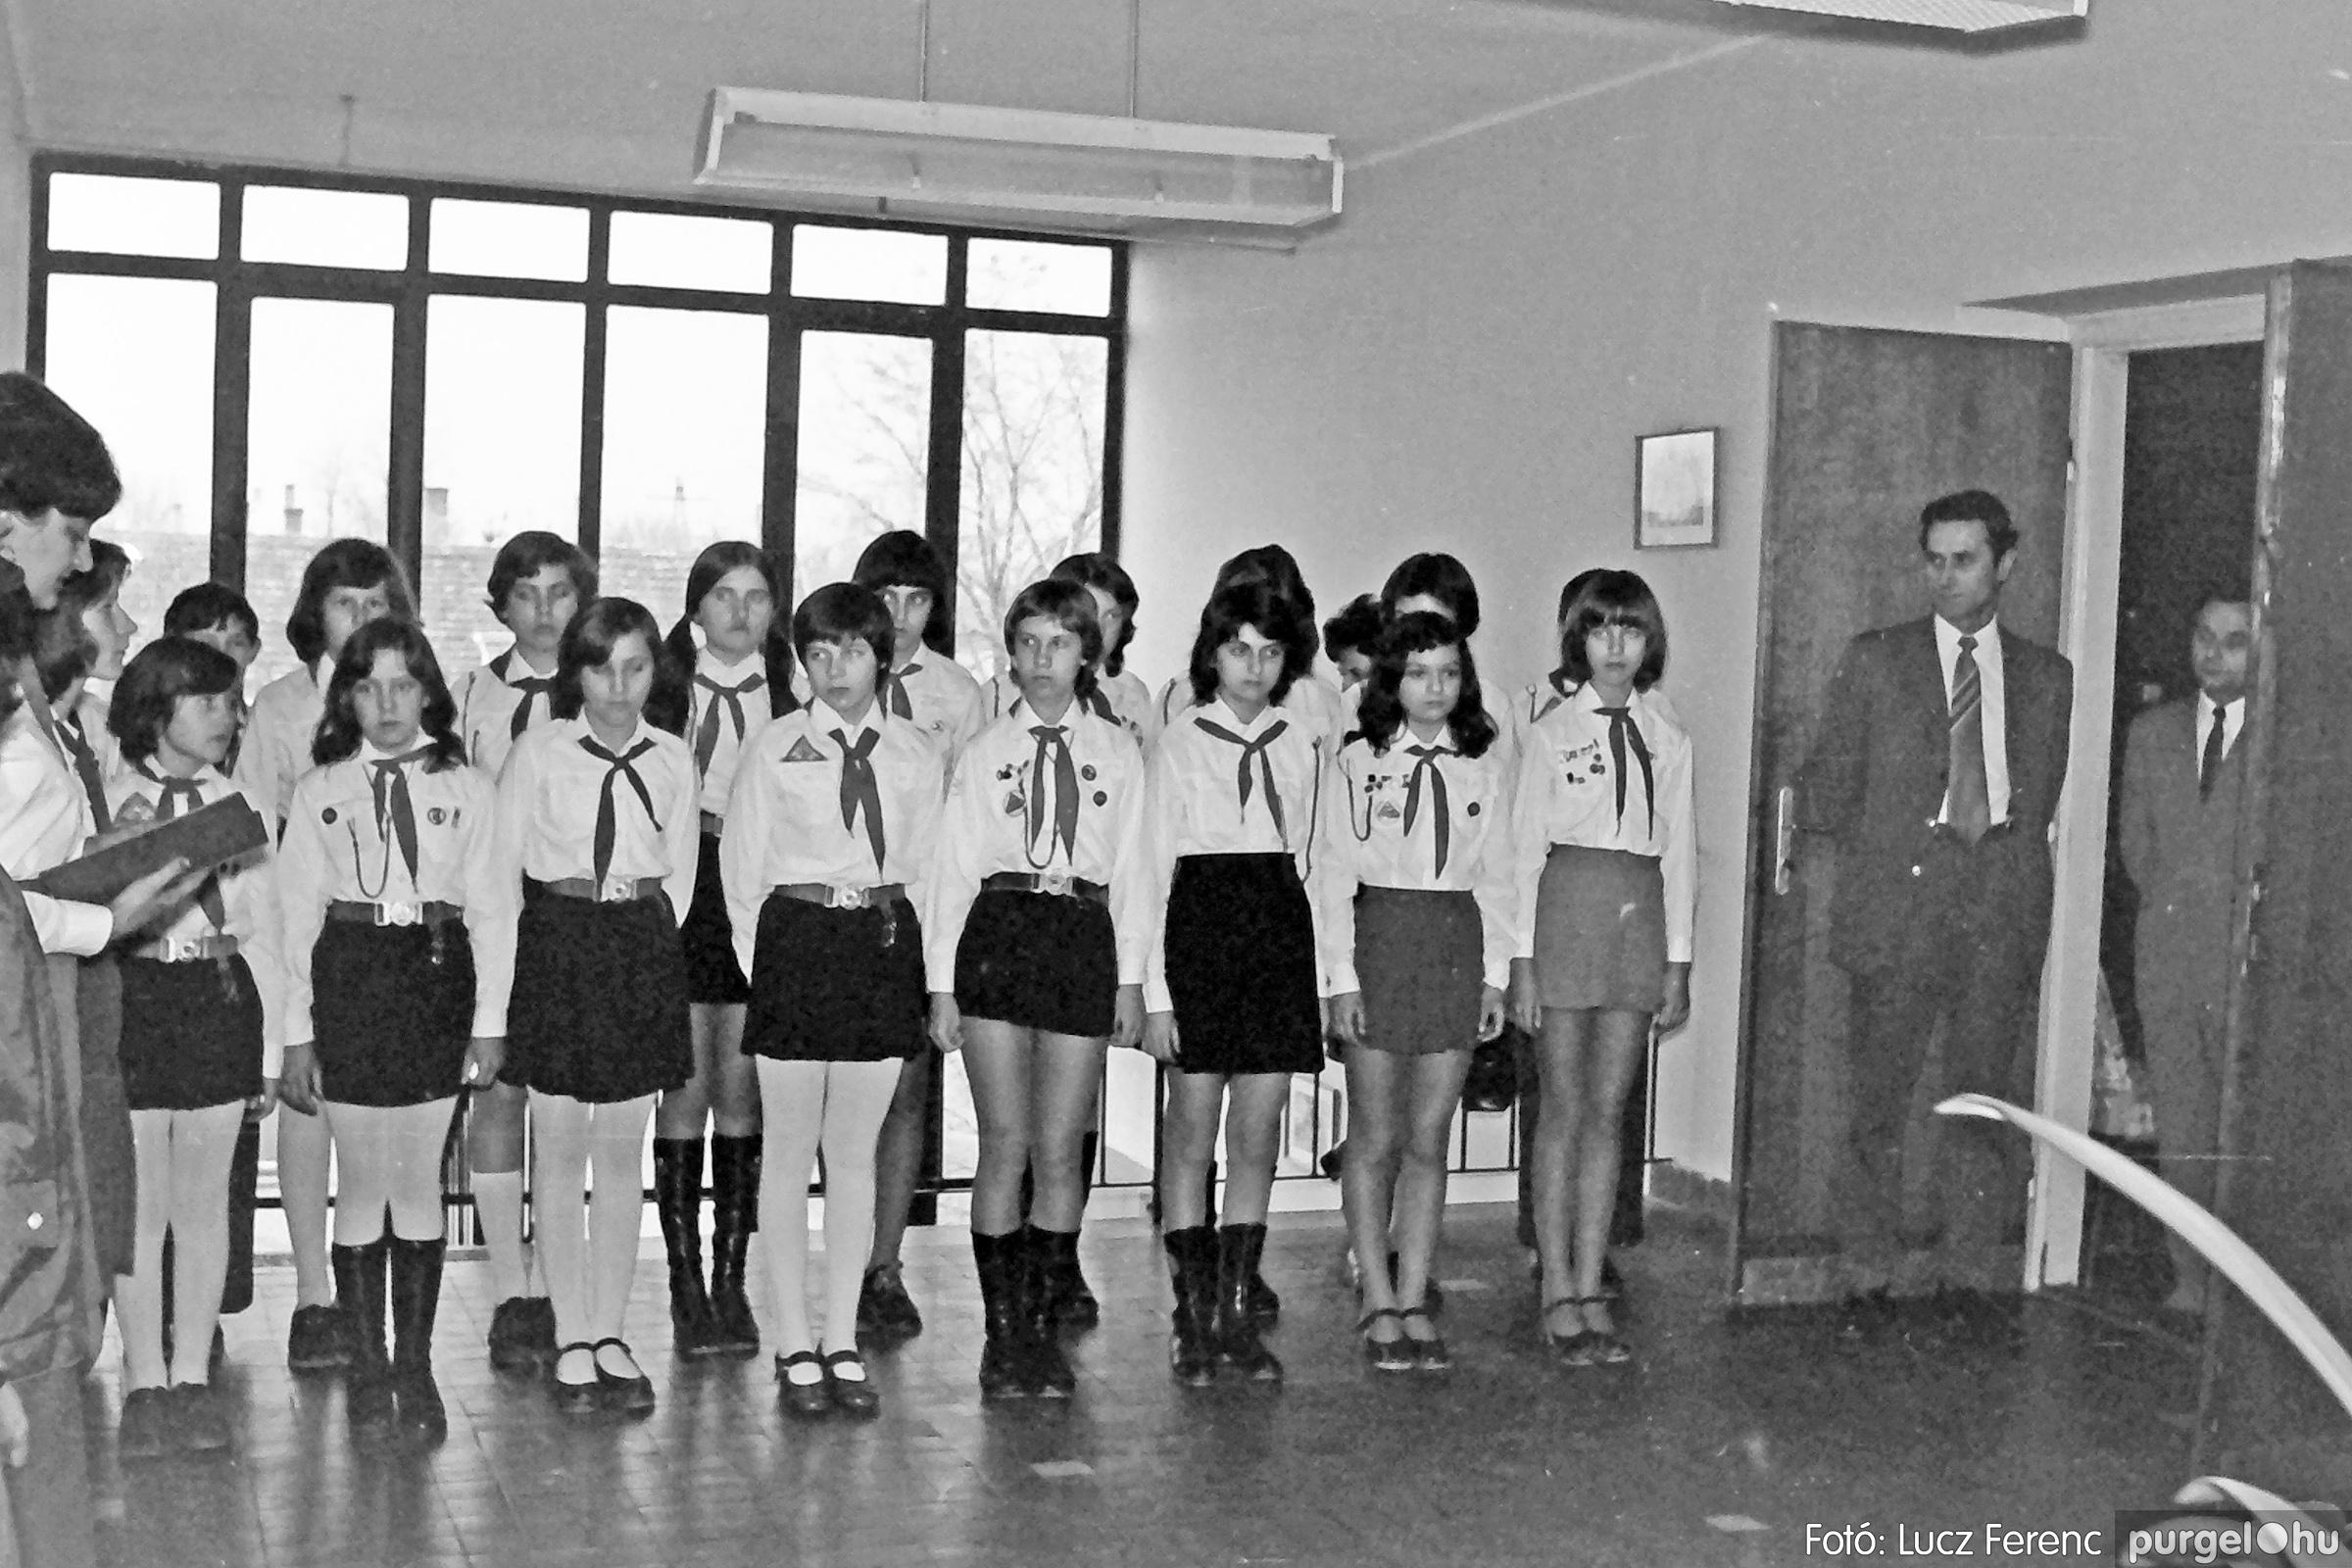 043. 1976. Emlékezés a szegvári direktóriumra 011. - Fotó: Lucz Ferenc - IMG00275q.jpg